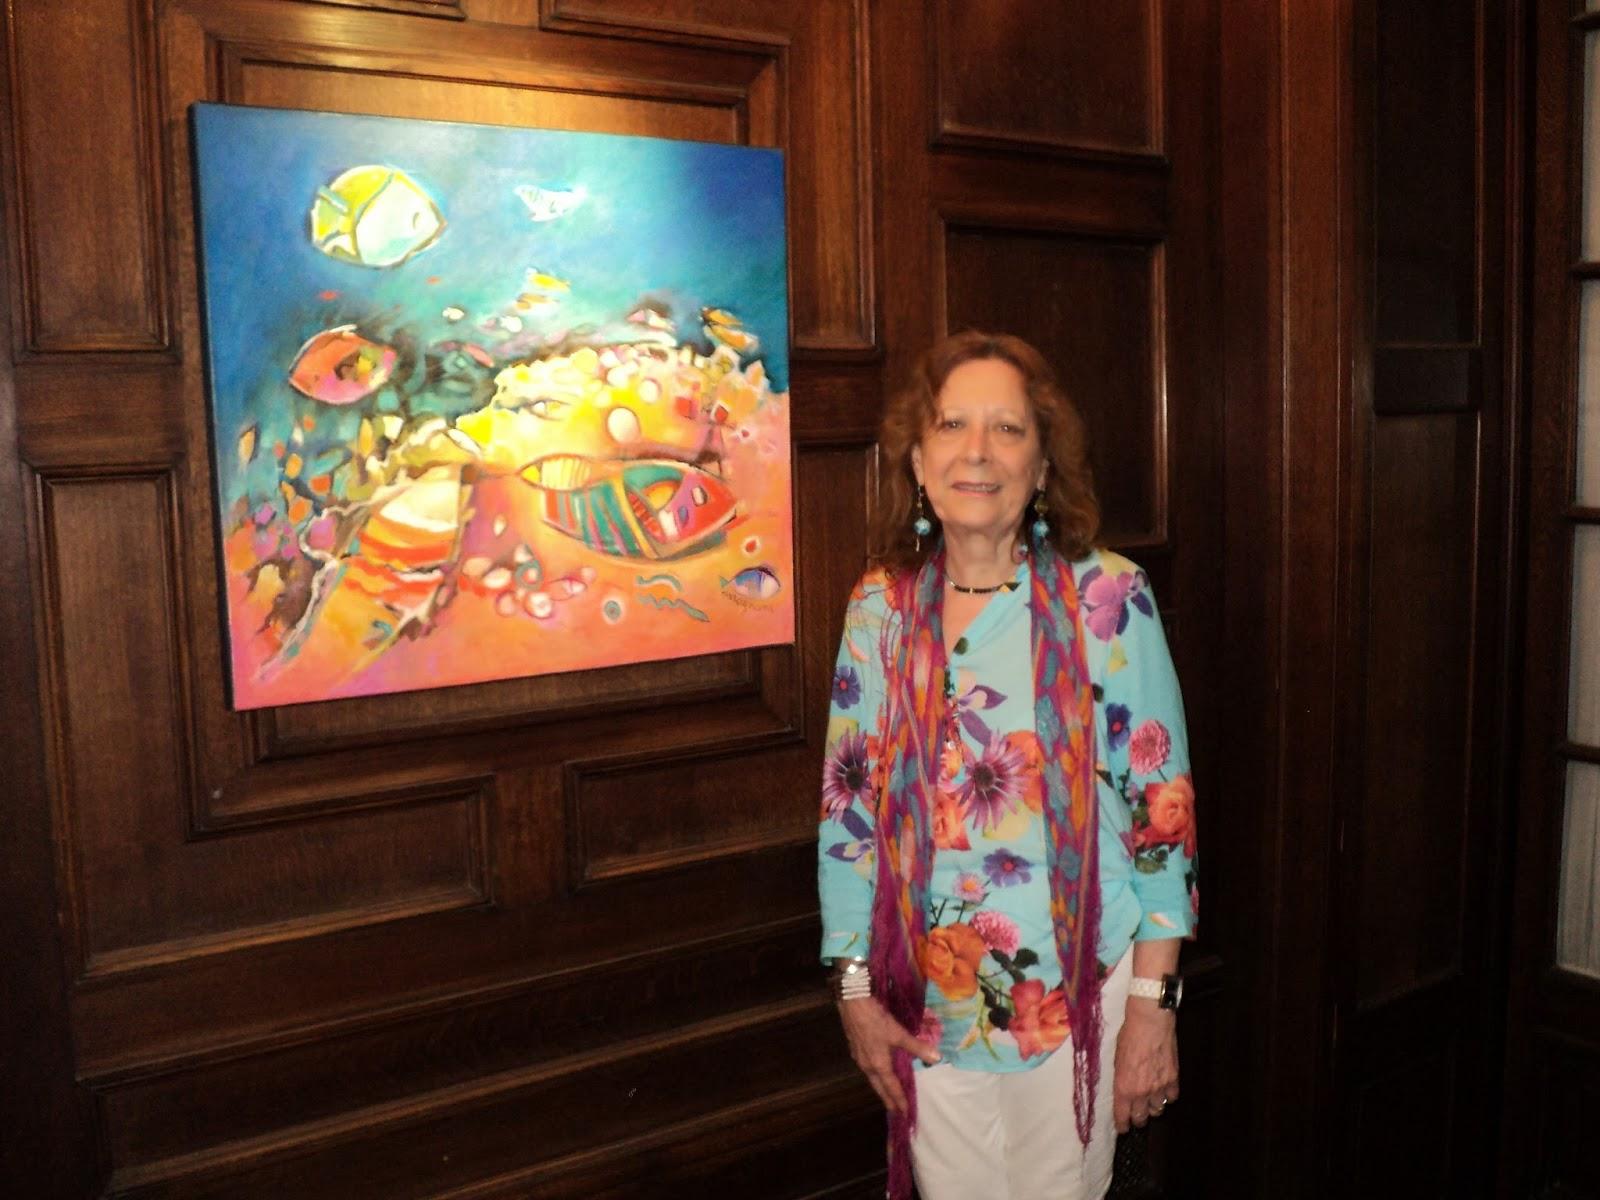 Diana teran arte de argentina rosario color y - Diana de colores ...